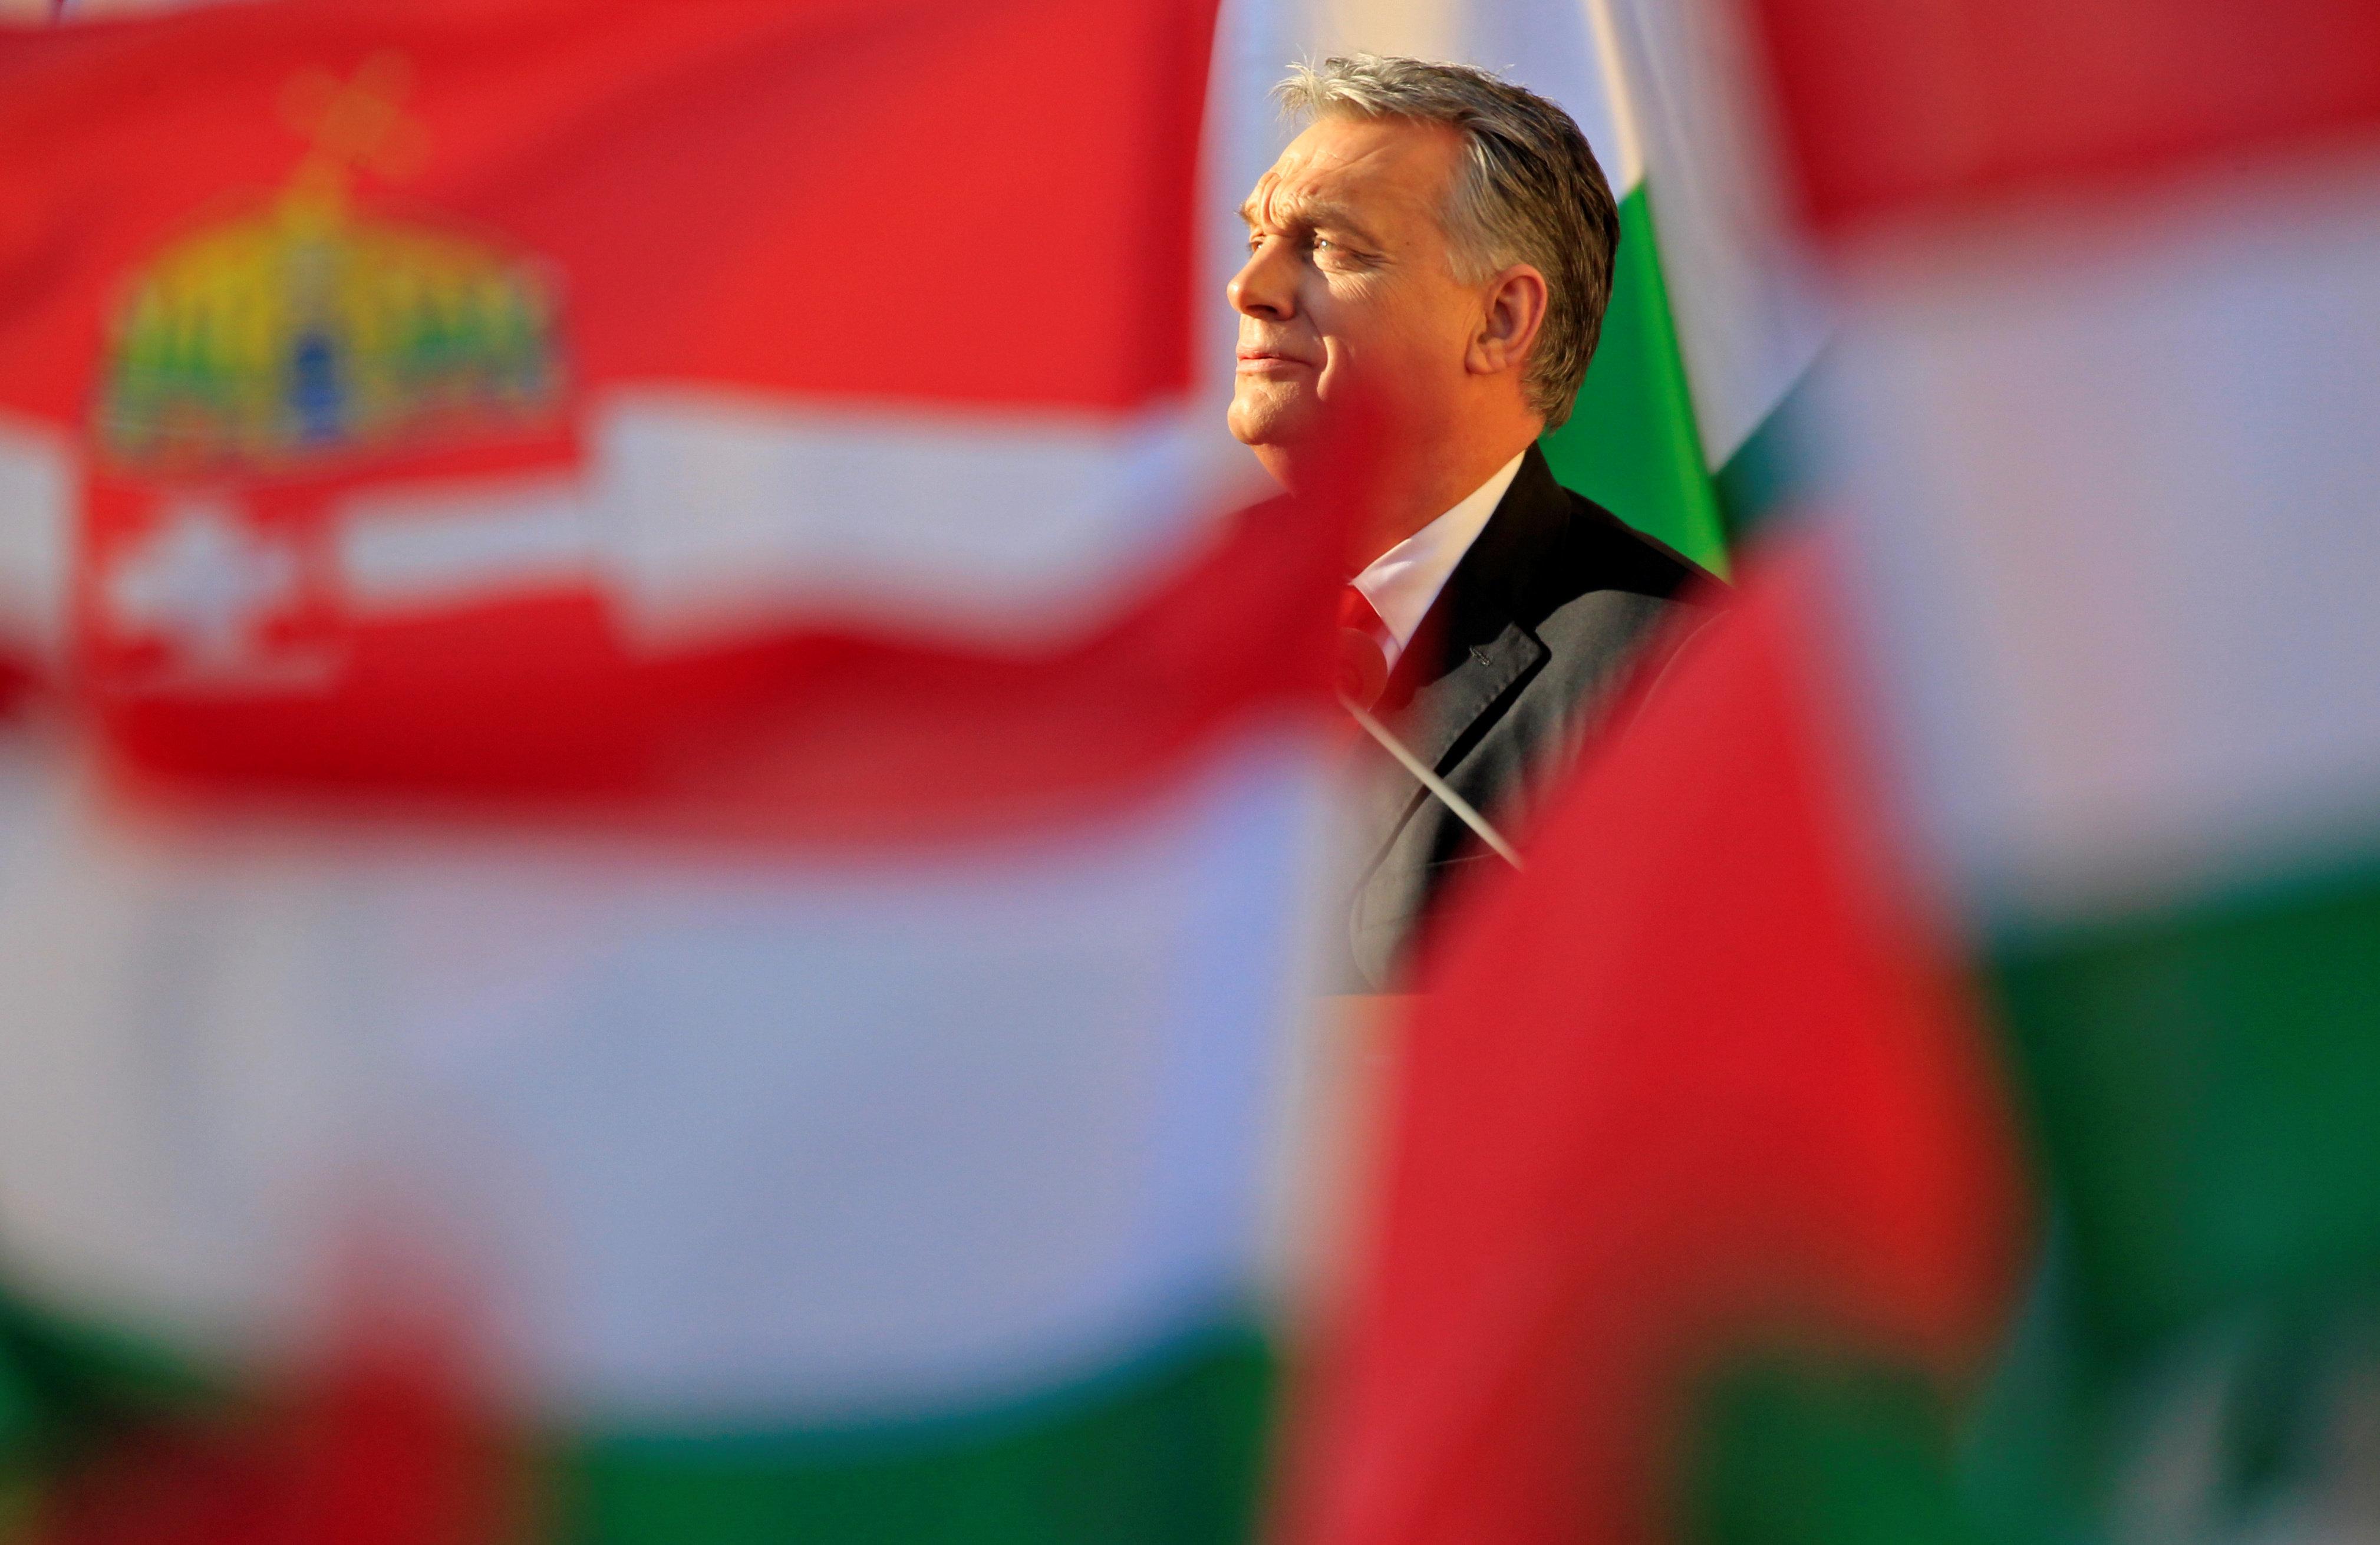 Εκλογές στην Ουγγαρία: Η επικίνδυνη τρίτη θητεία που θέλει ο Όρμπαν, ο εμπρηστικός λόγος, το «κράτος-μαφία» και η Δημοκρατία...